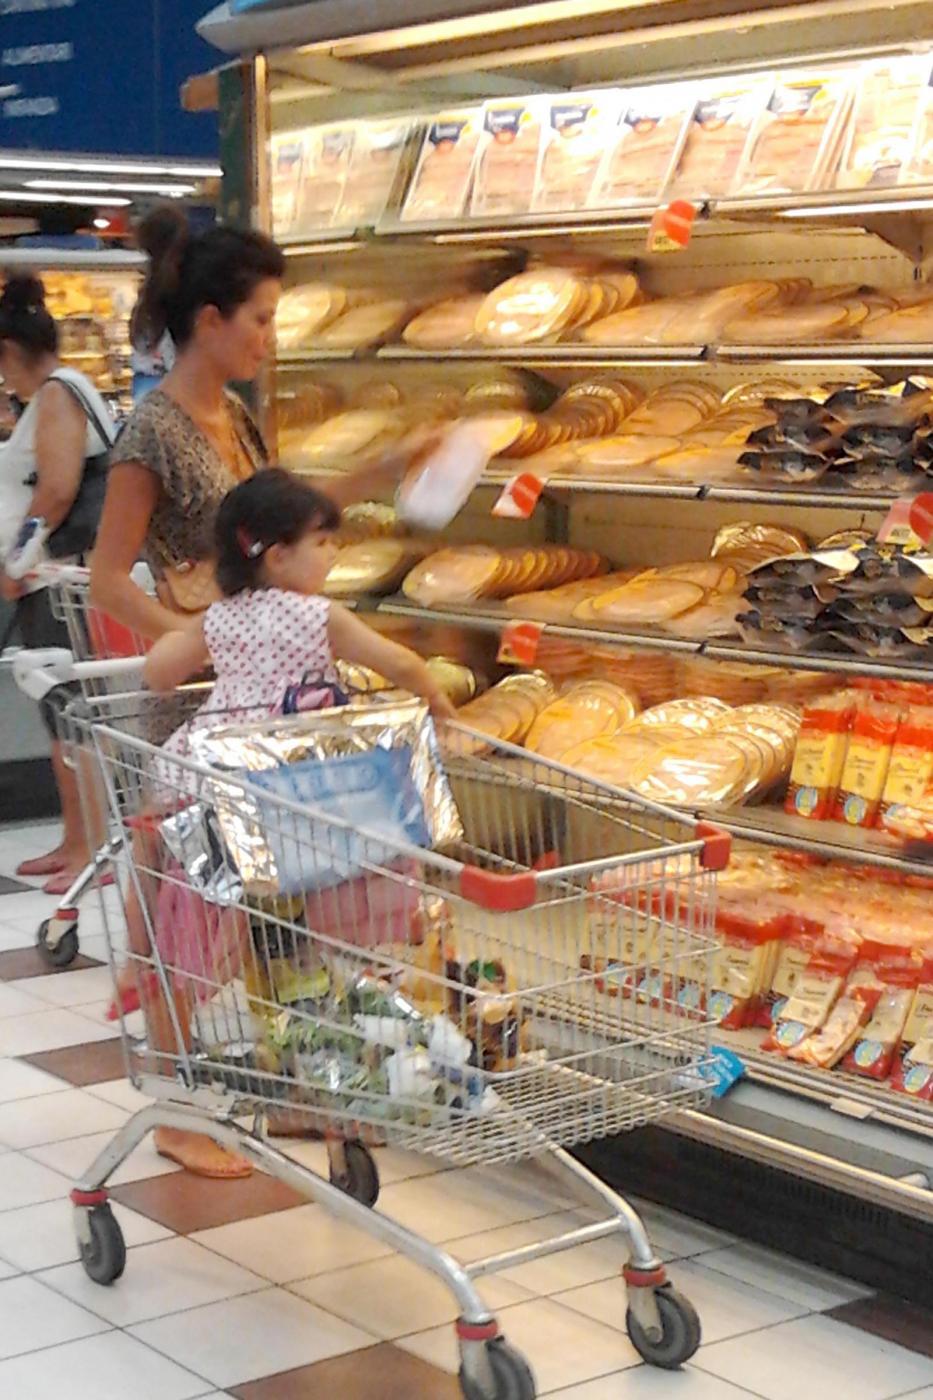 Laura Torrisi, la compagna di Pieraccioni mamma perfetta al supermercato04